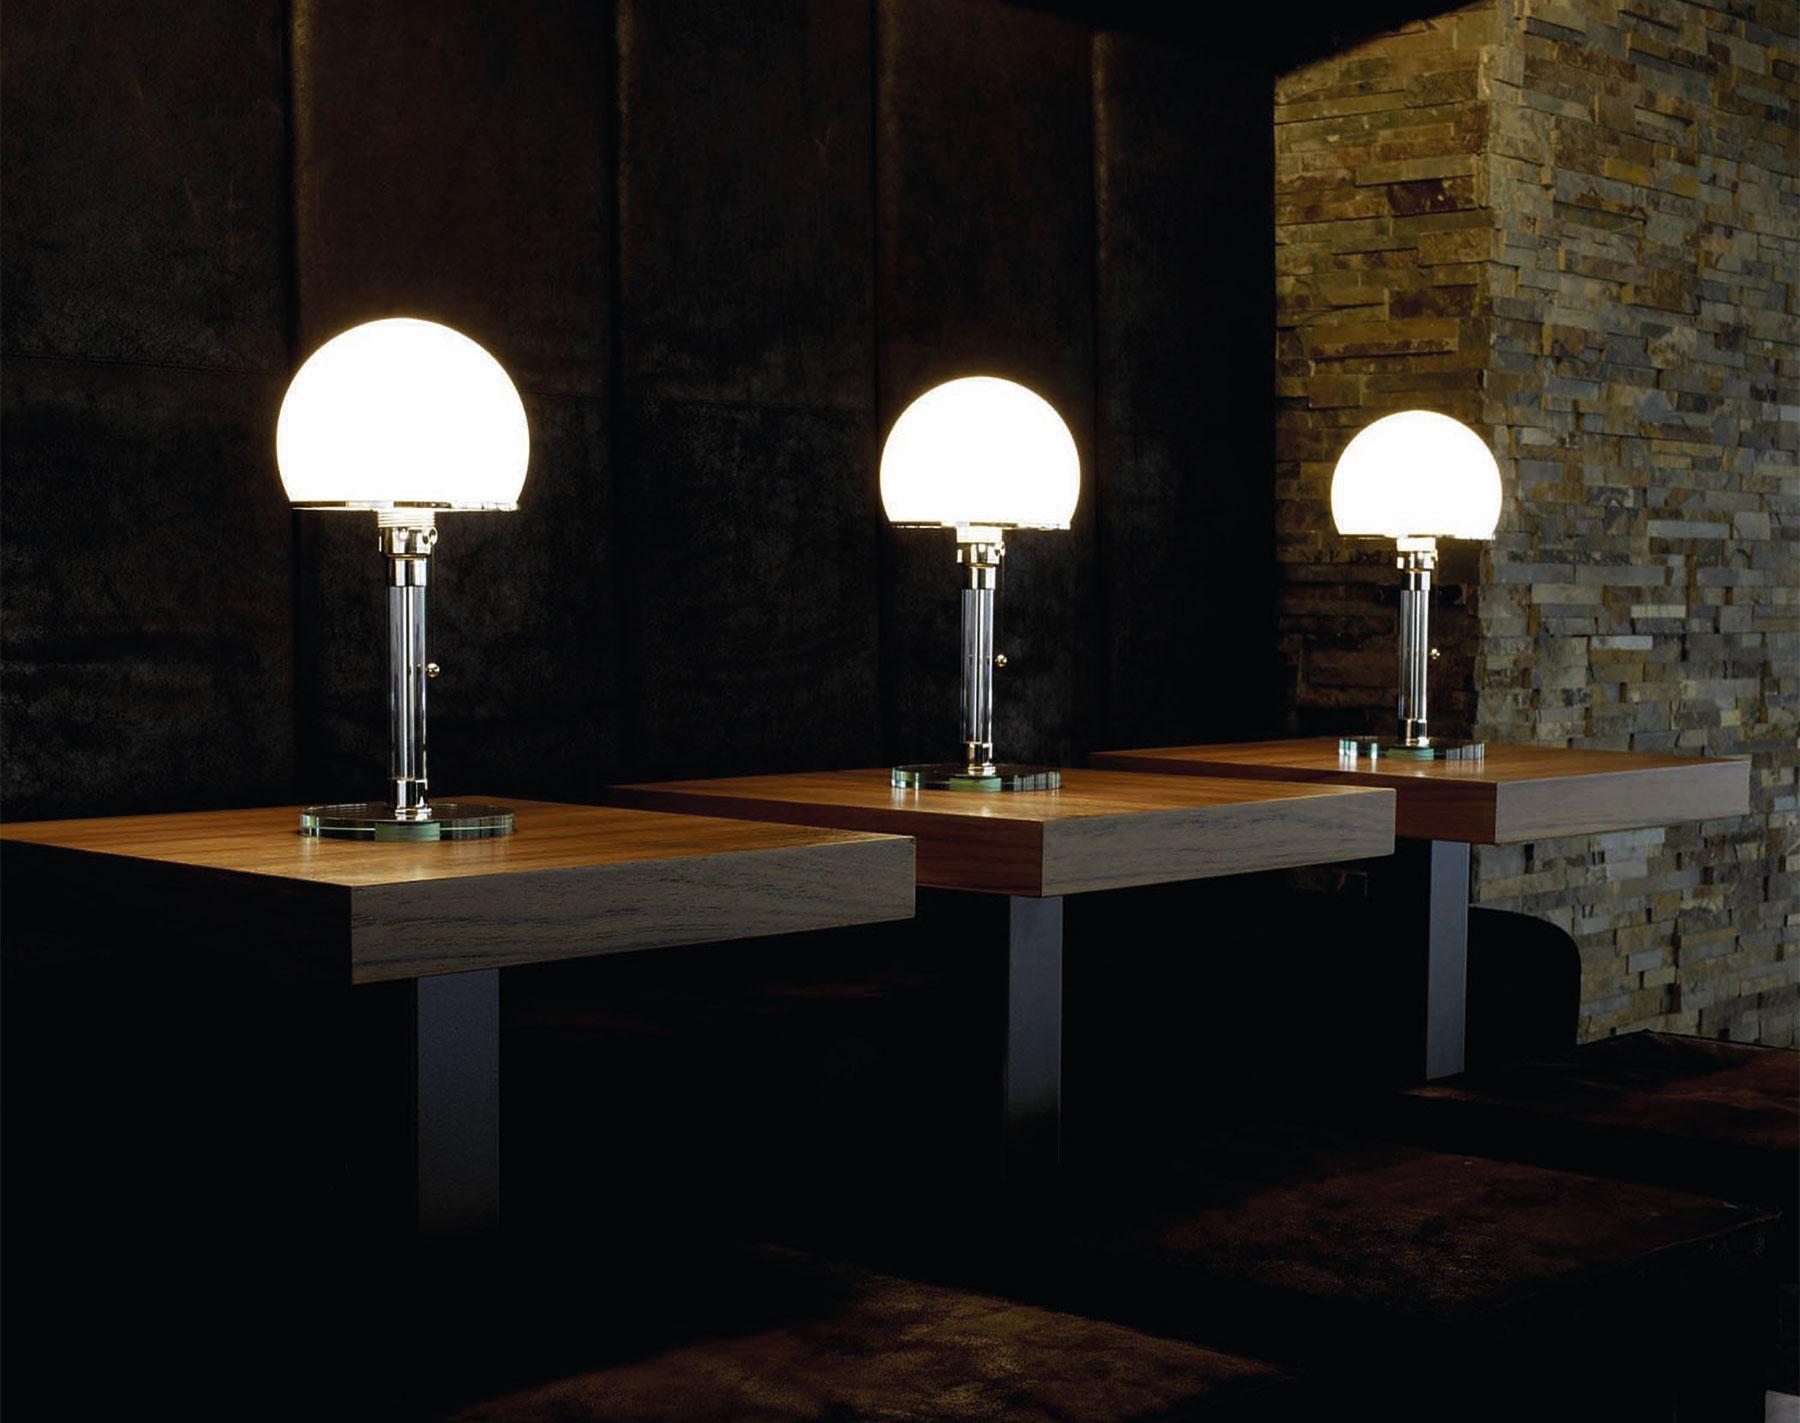 Zeitloser Design-Klassiker: Die Bauhaus-Leuchte von Wagenfeld